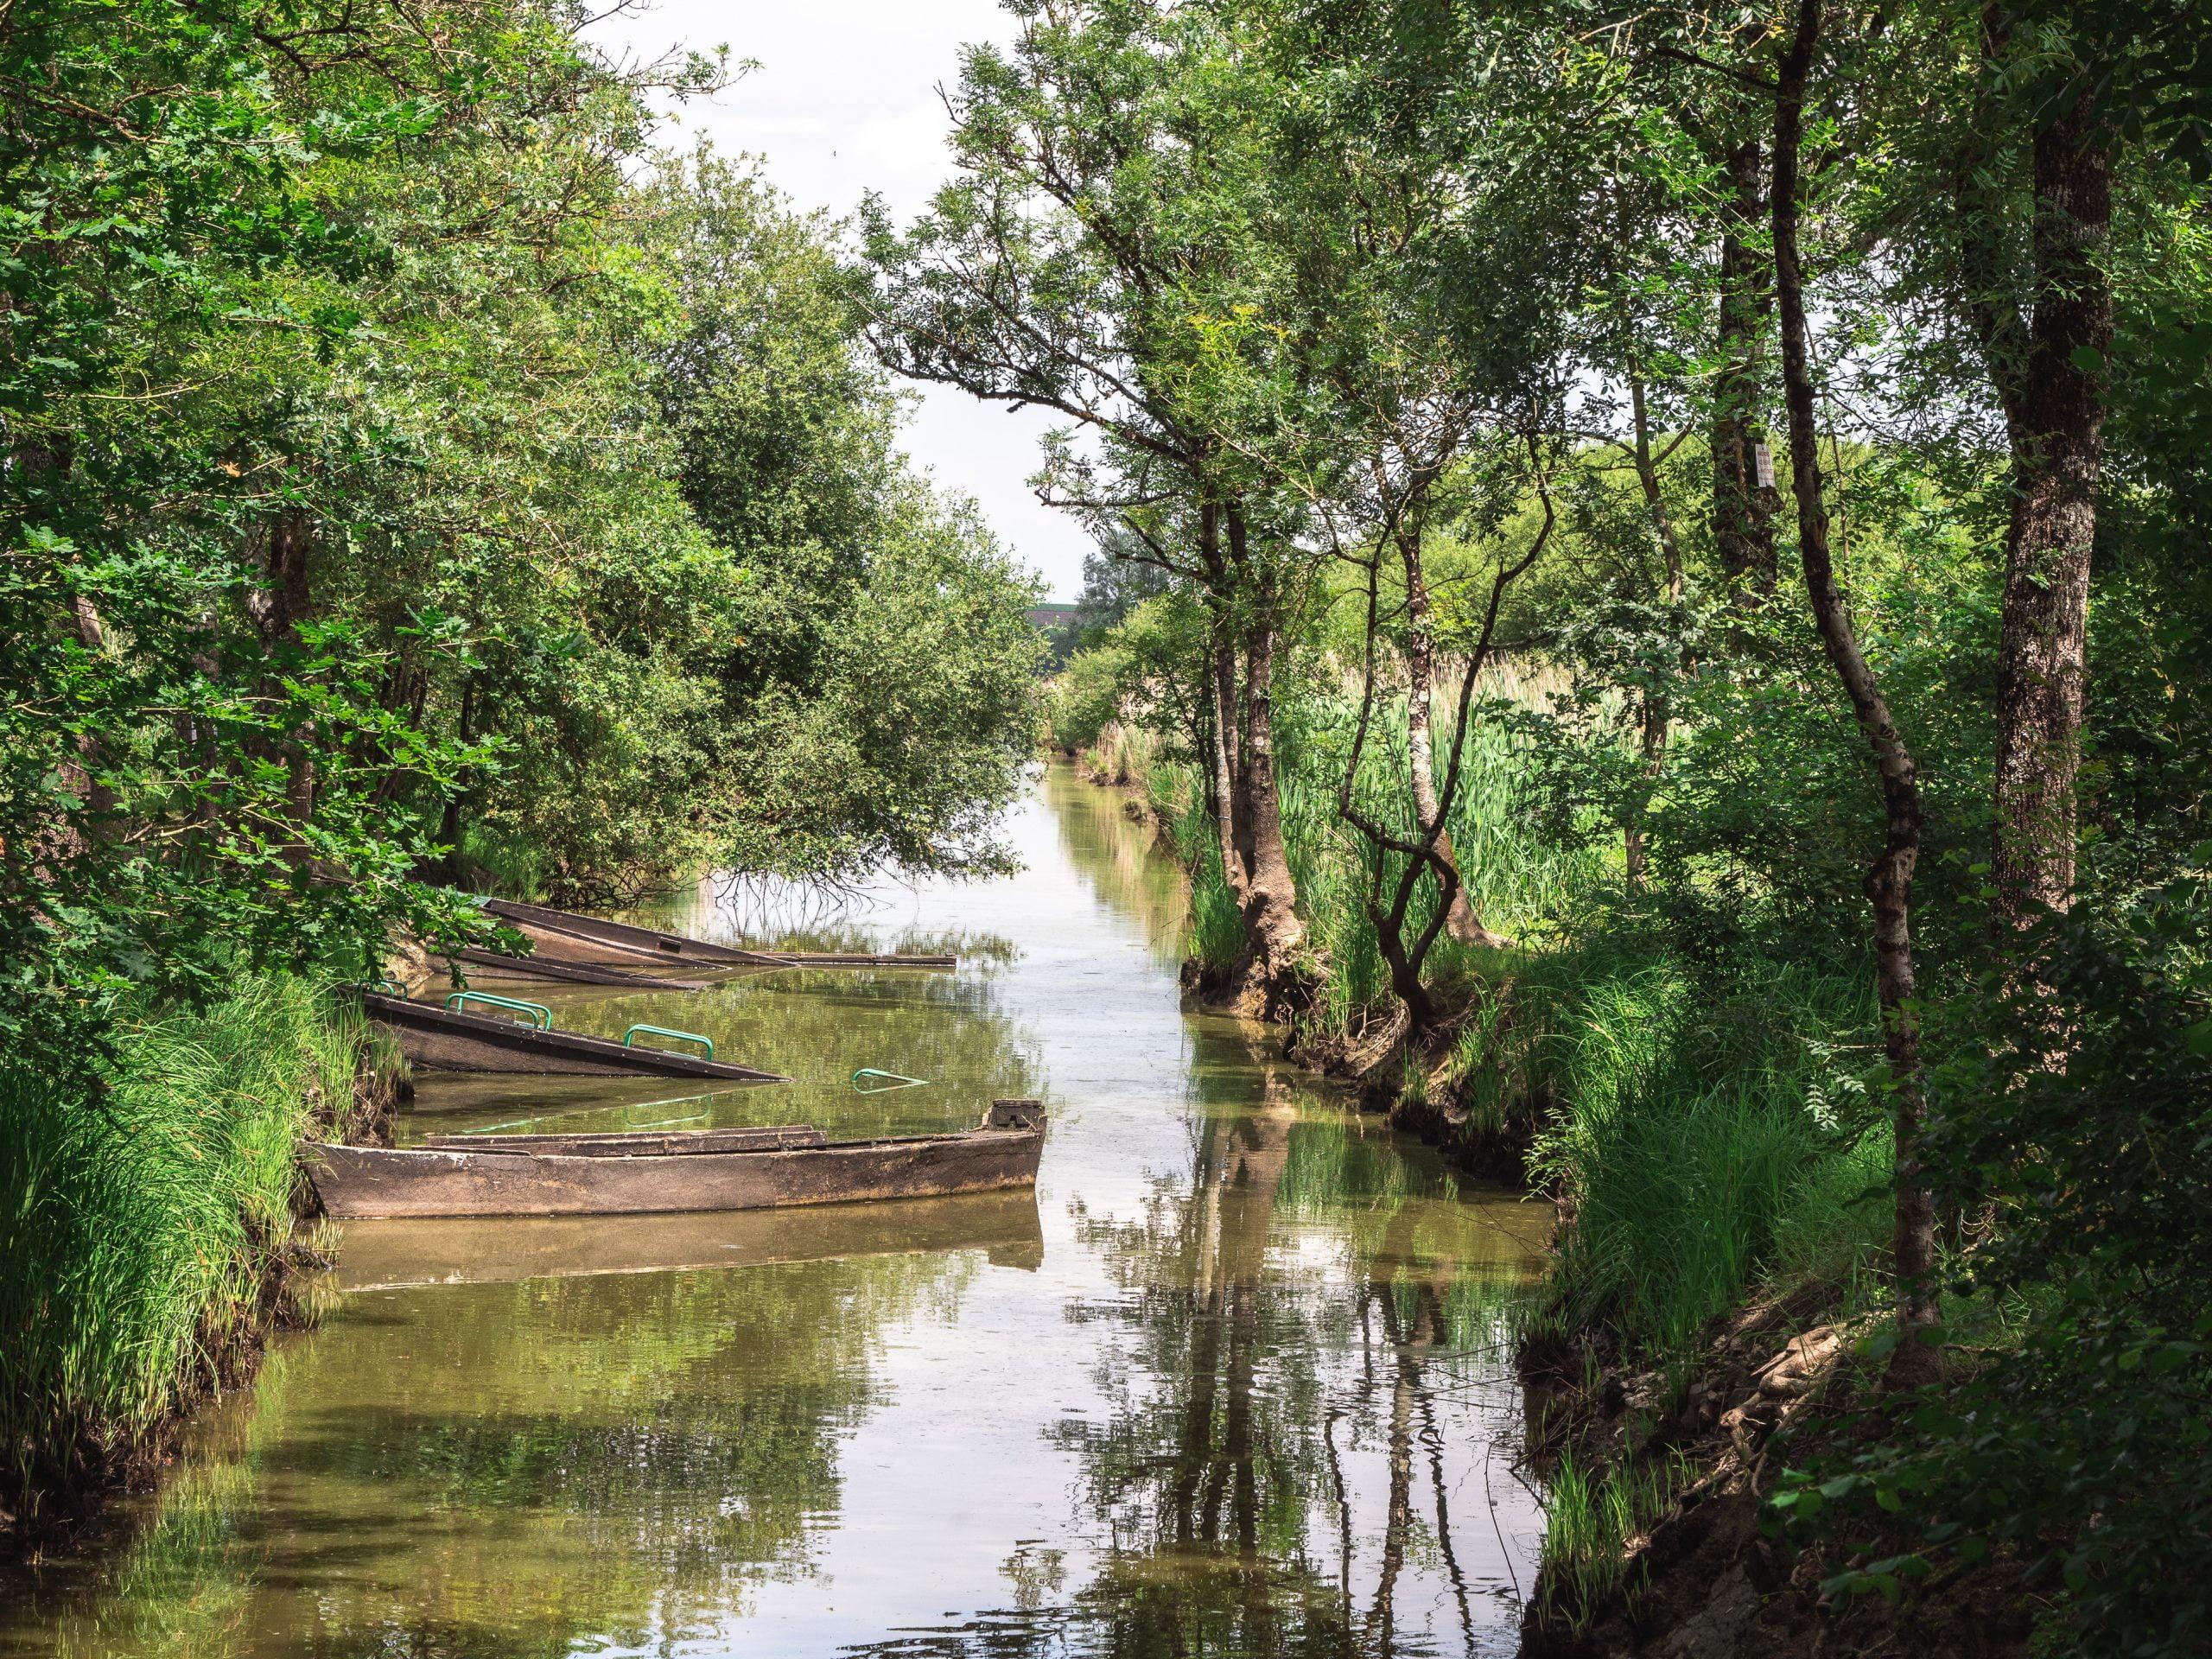 Vignoble vélo paysage marais scaled - Les globe blogueurs - blog voyage nature